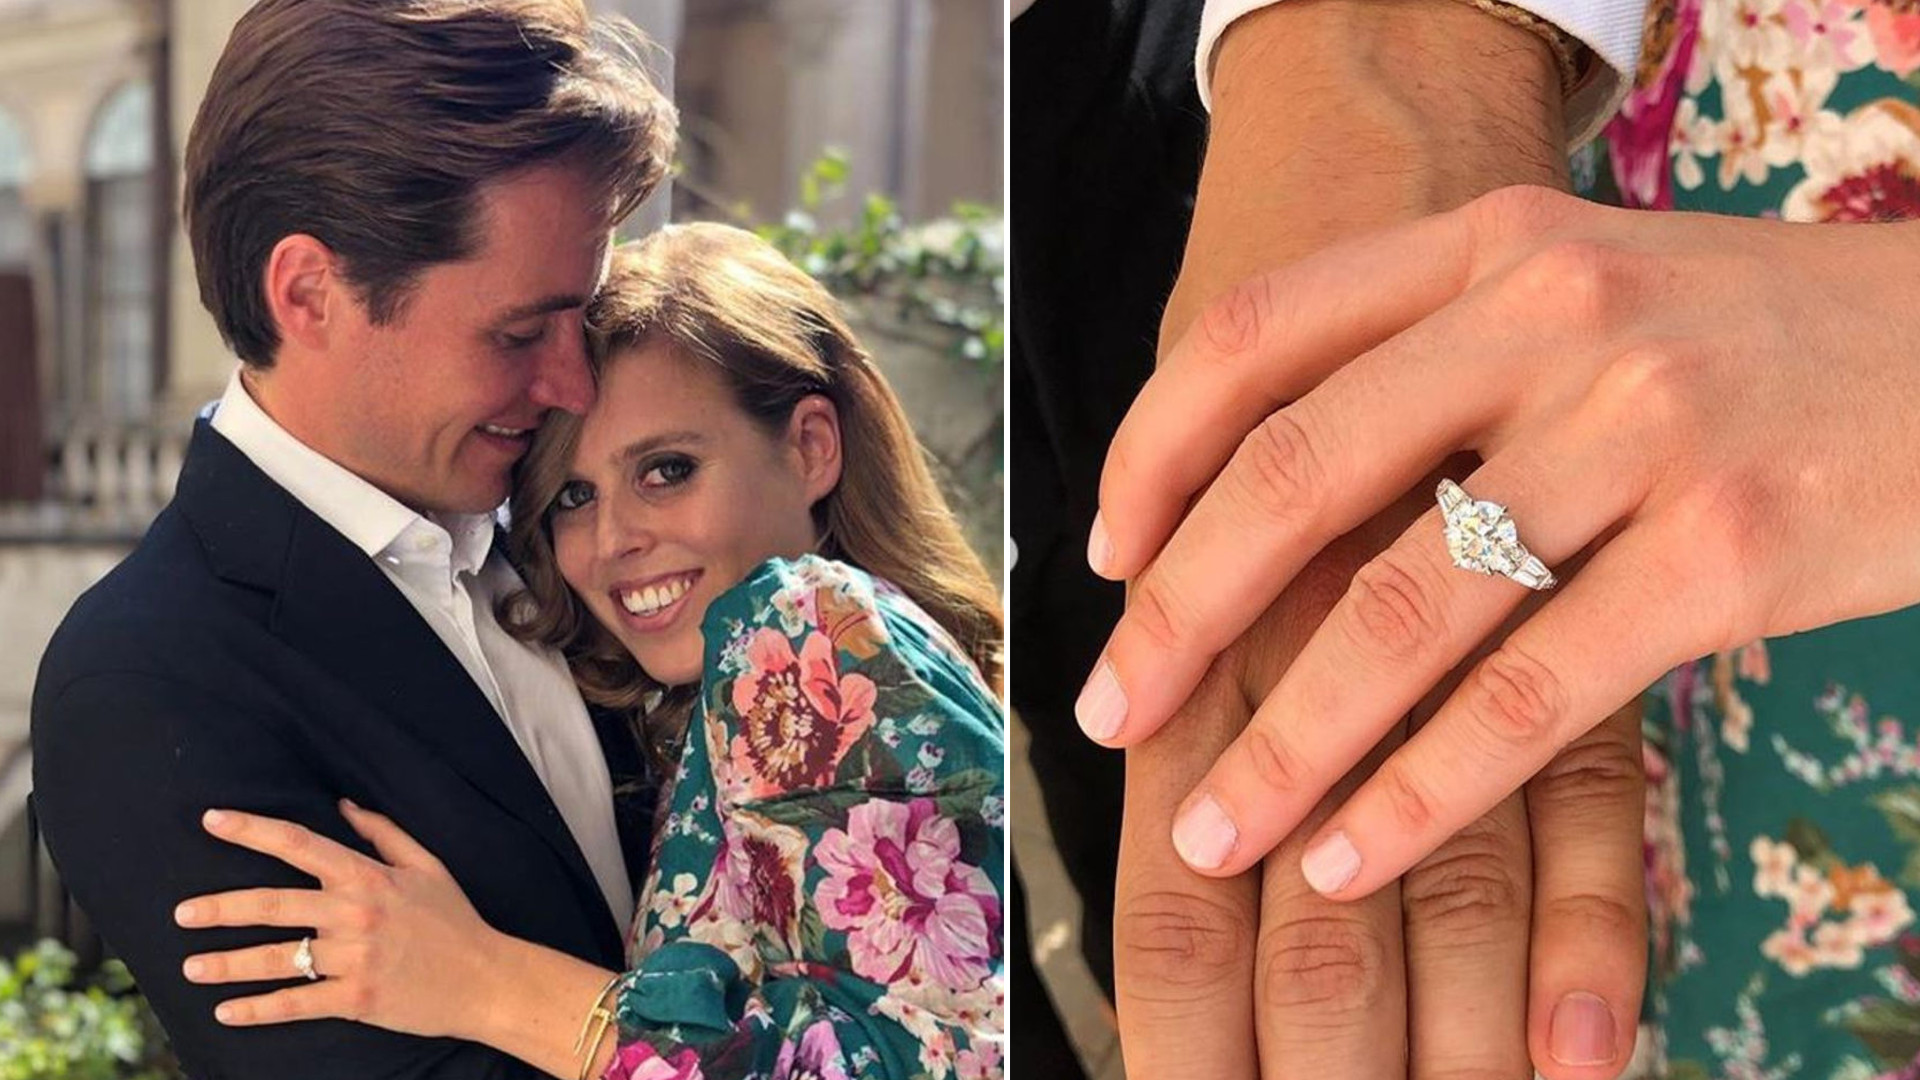 Księżniczka Beatrice ujawniła datę ślubu! Wszystko wskazuje na to, że będzie BAJKOWO!